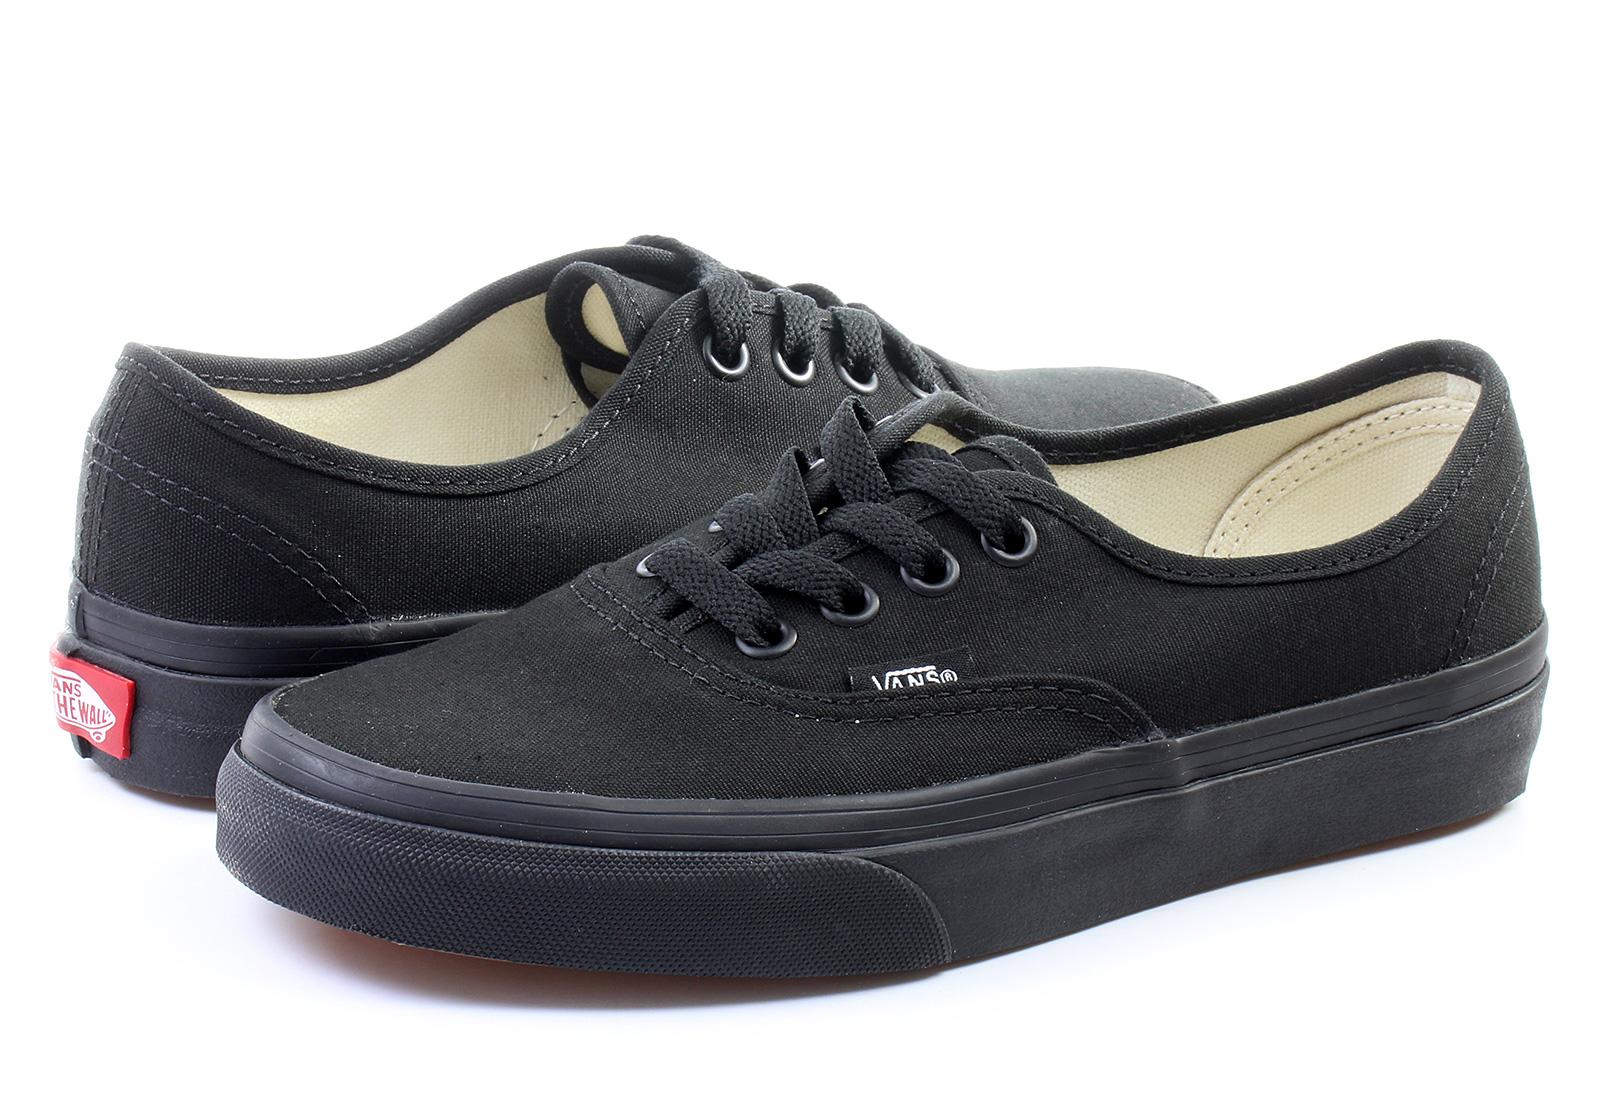 Vans Tornacipő - Authentic - VEE3BKA - Office Shoes Magyarország 046207cd61